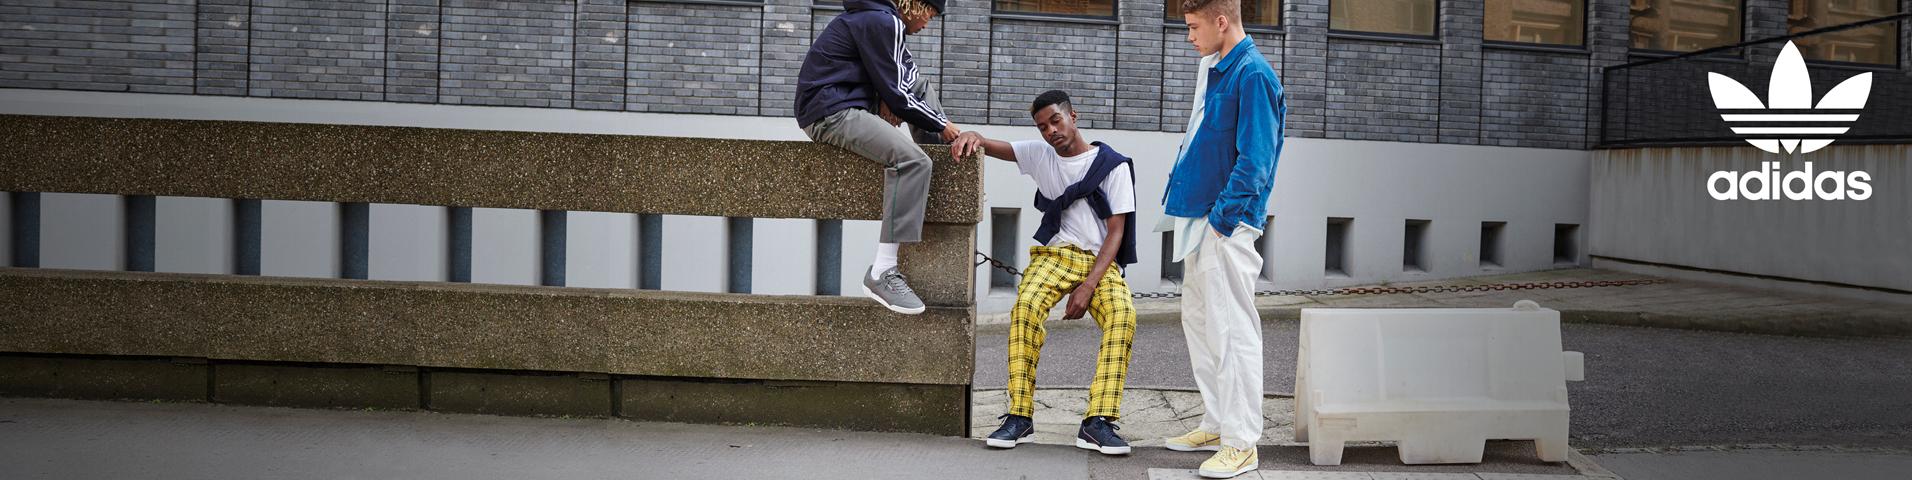 0fc274105803c5 Adidas Sport-Hosen für Herren